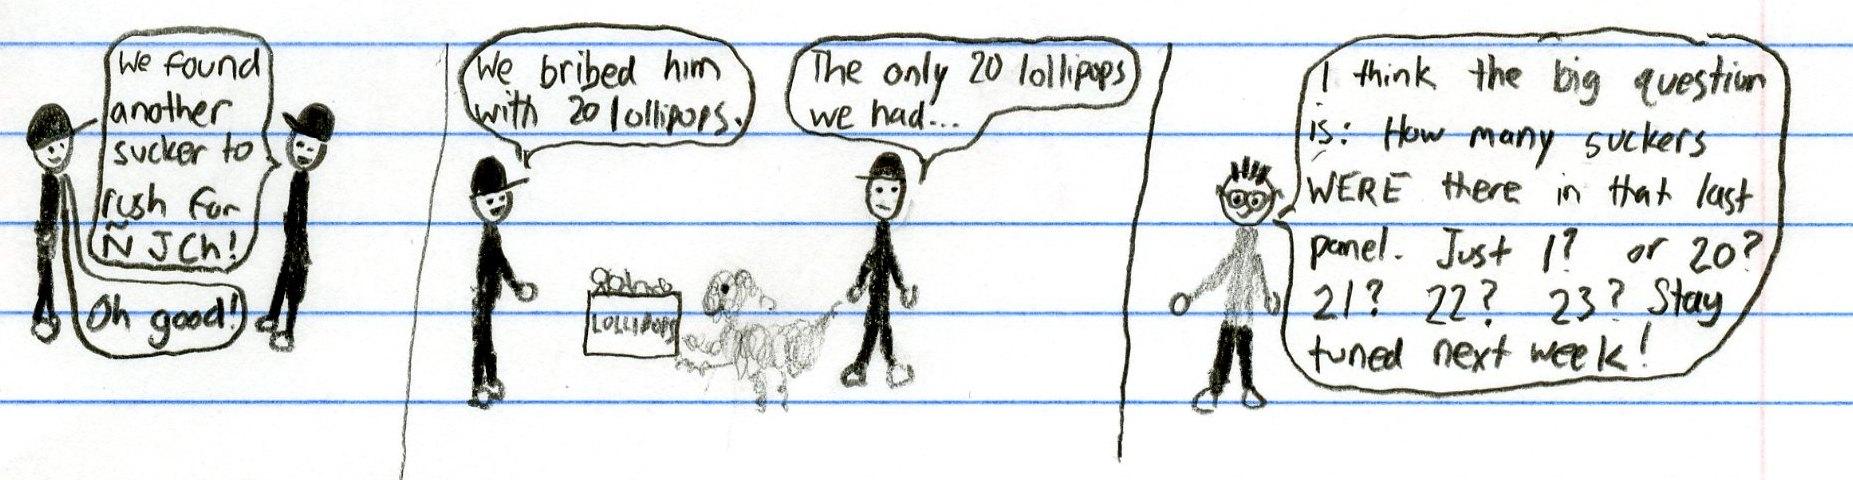 Lollipops, Part 2